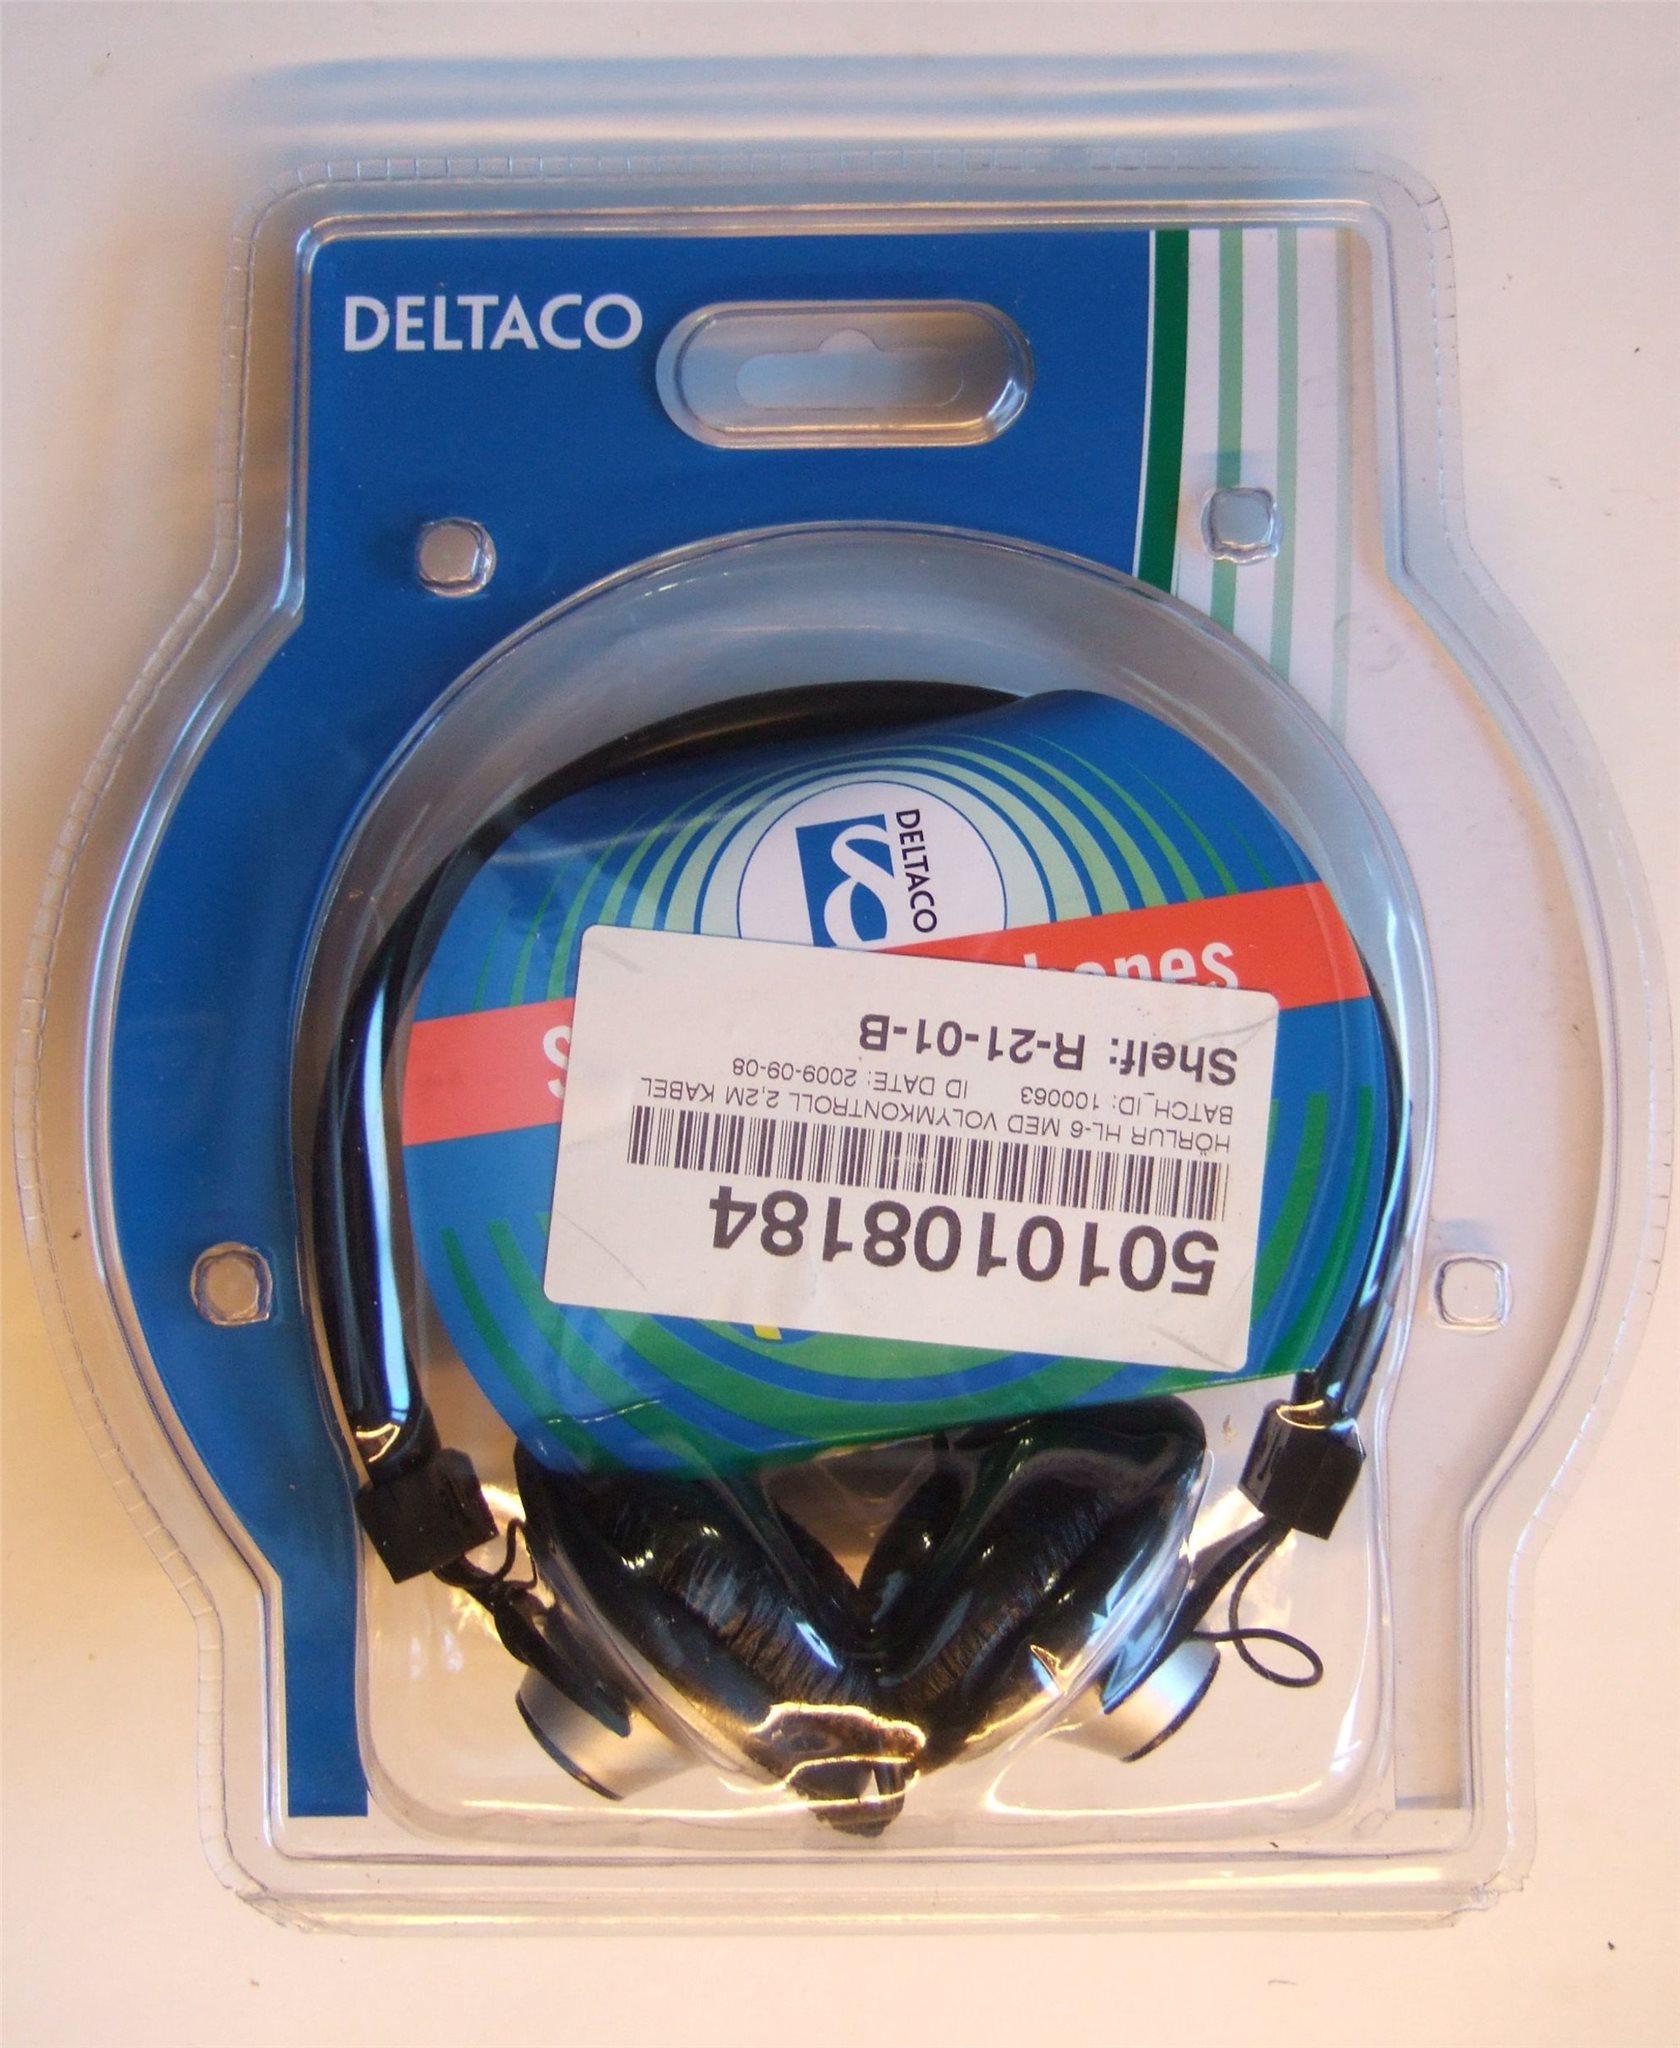 DELTACO Hörlurar i obruten förpackning (342610538) ᐈ Köp på Tradera e2eac1fbd6944